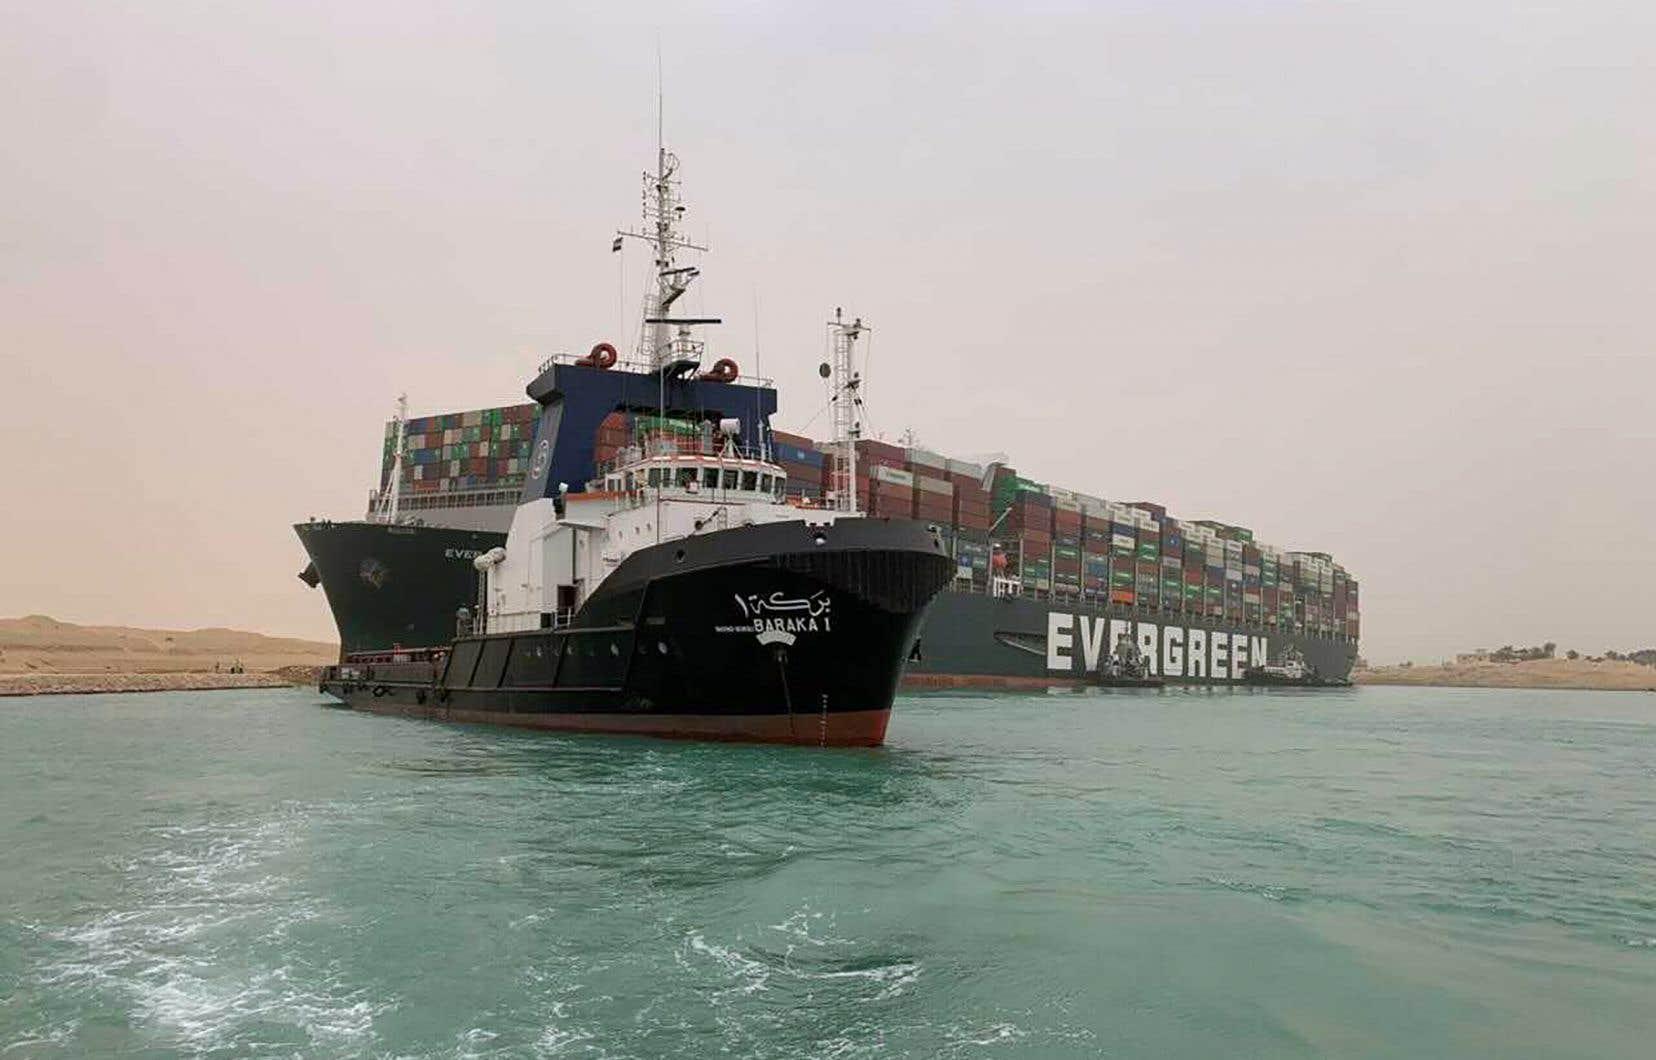 L'Ever Given, qui fait plus de 220 000 tonnes, naviguait vers Rotterdam depuis l'Asie lorsqu'il s'est immobilisé dans le canal dans la nuit de mardi à mercredi.